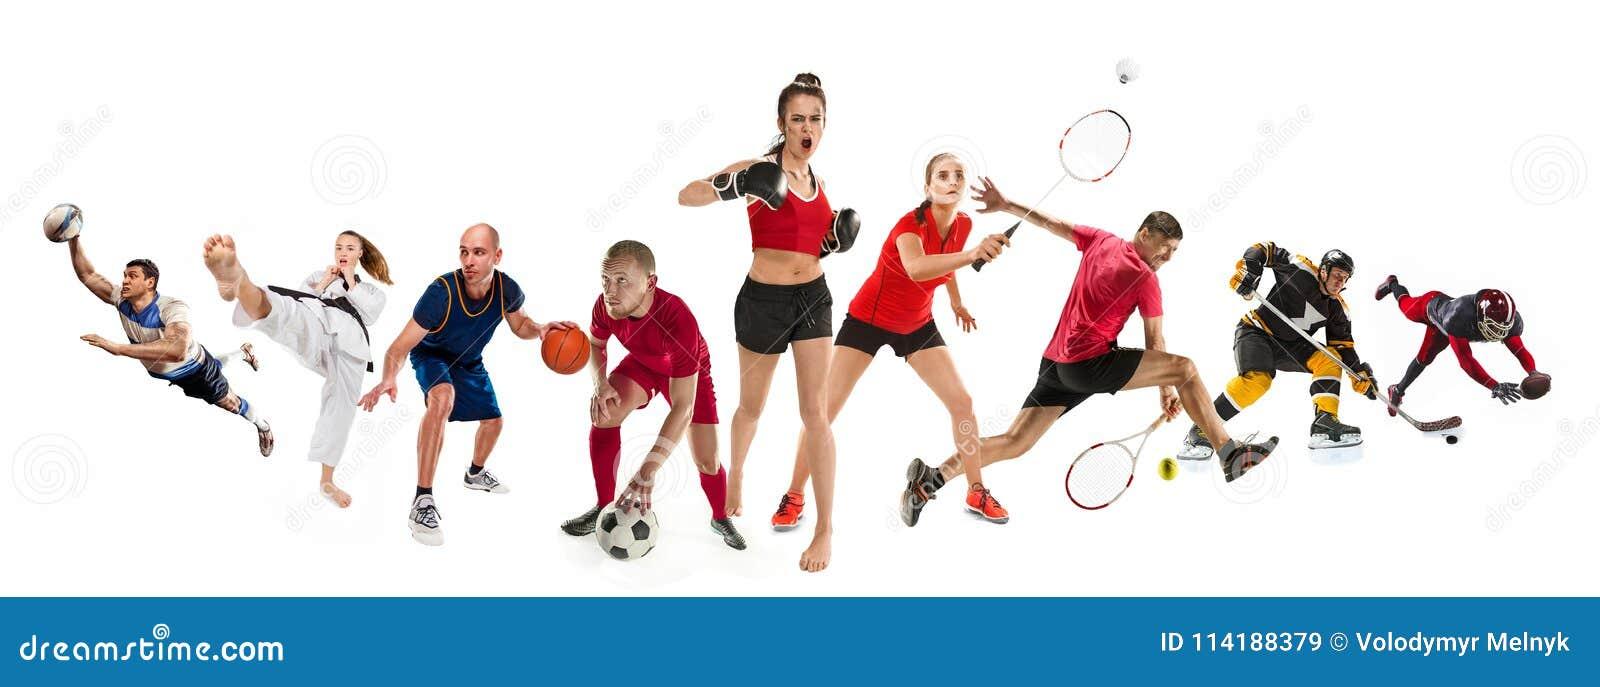 Ostente a colagem sobre kickboxing, futebol, futebol americano, basquetebol, hóquei em gelo, badminton, taekwondo, tênis, rugby